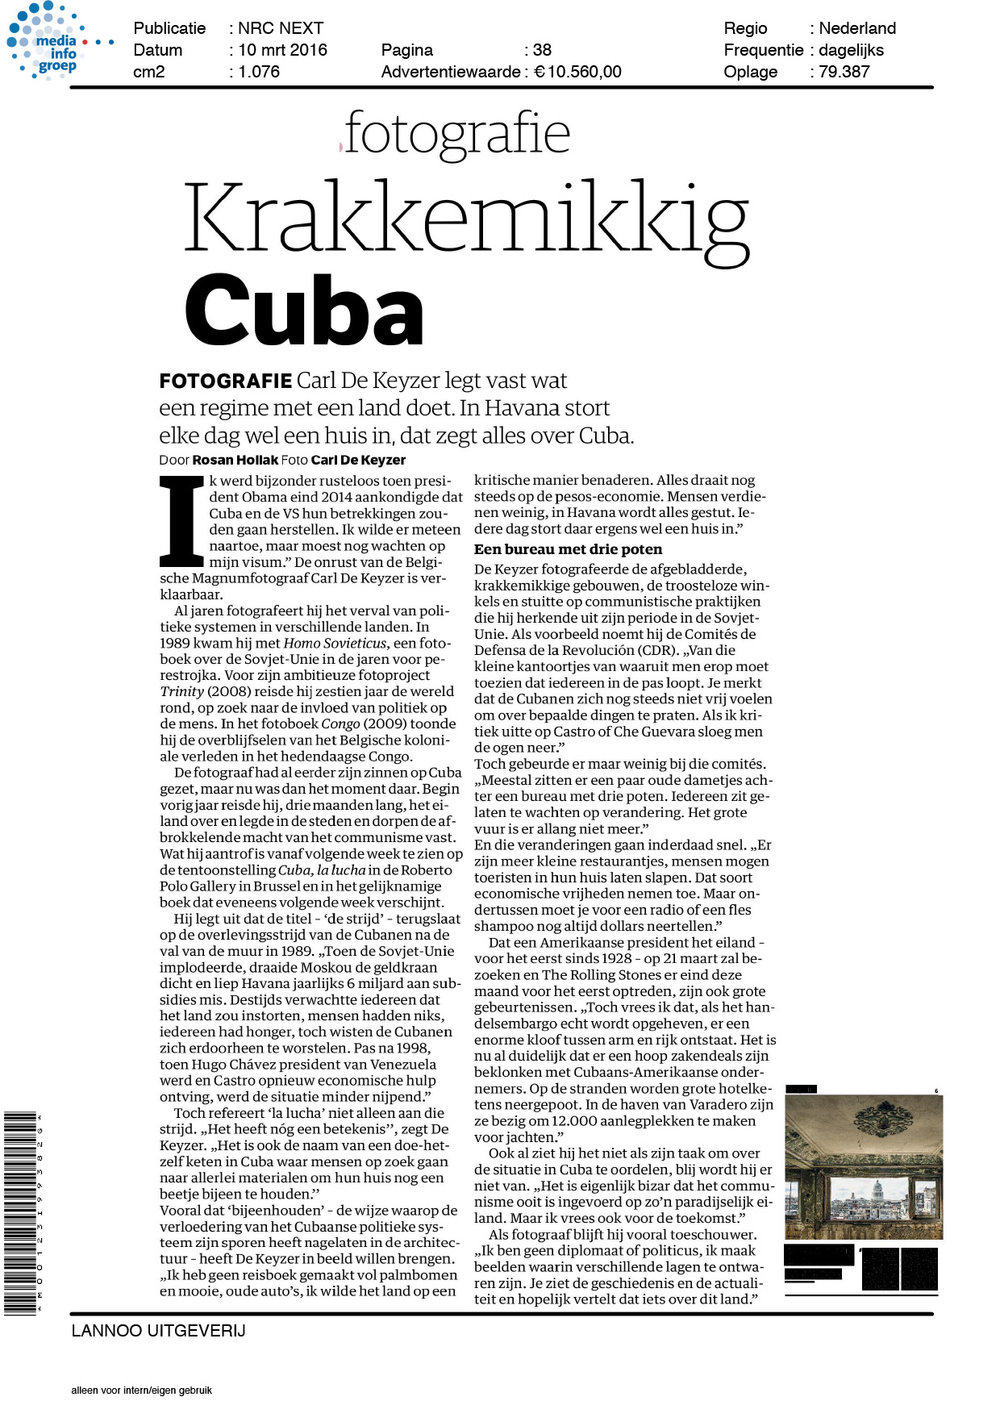 Cuba (NRC)